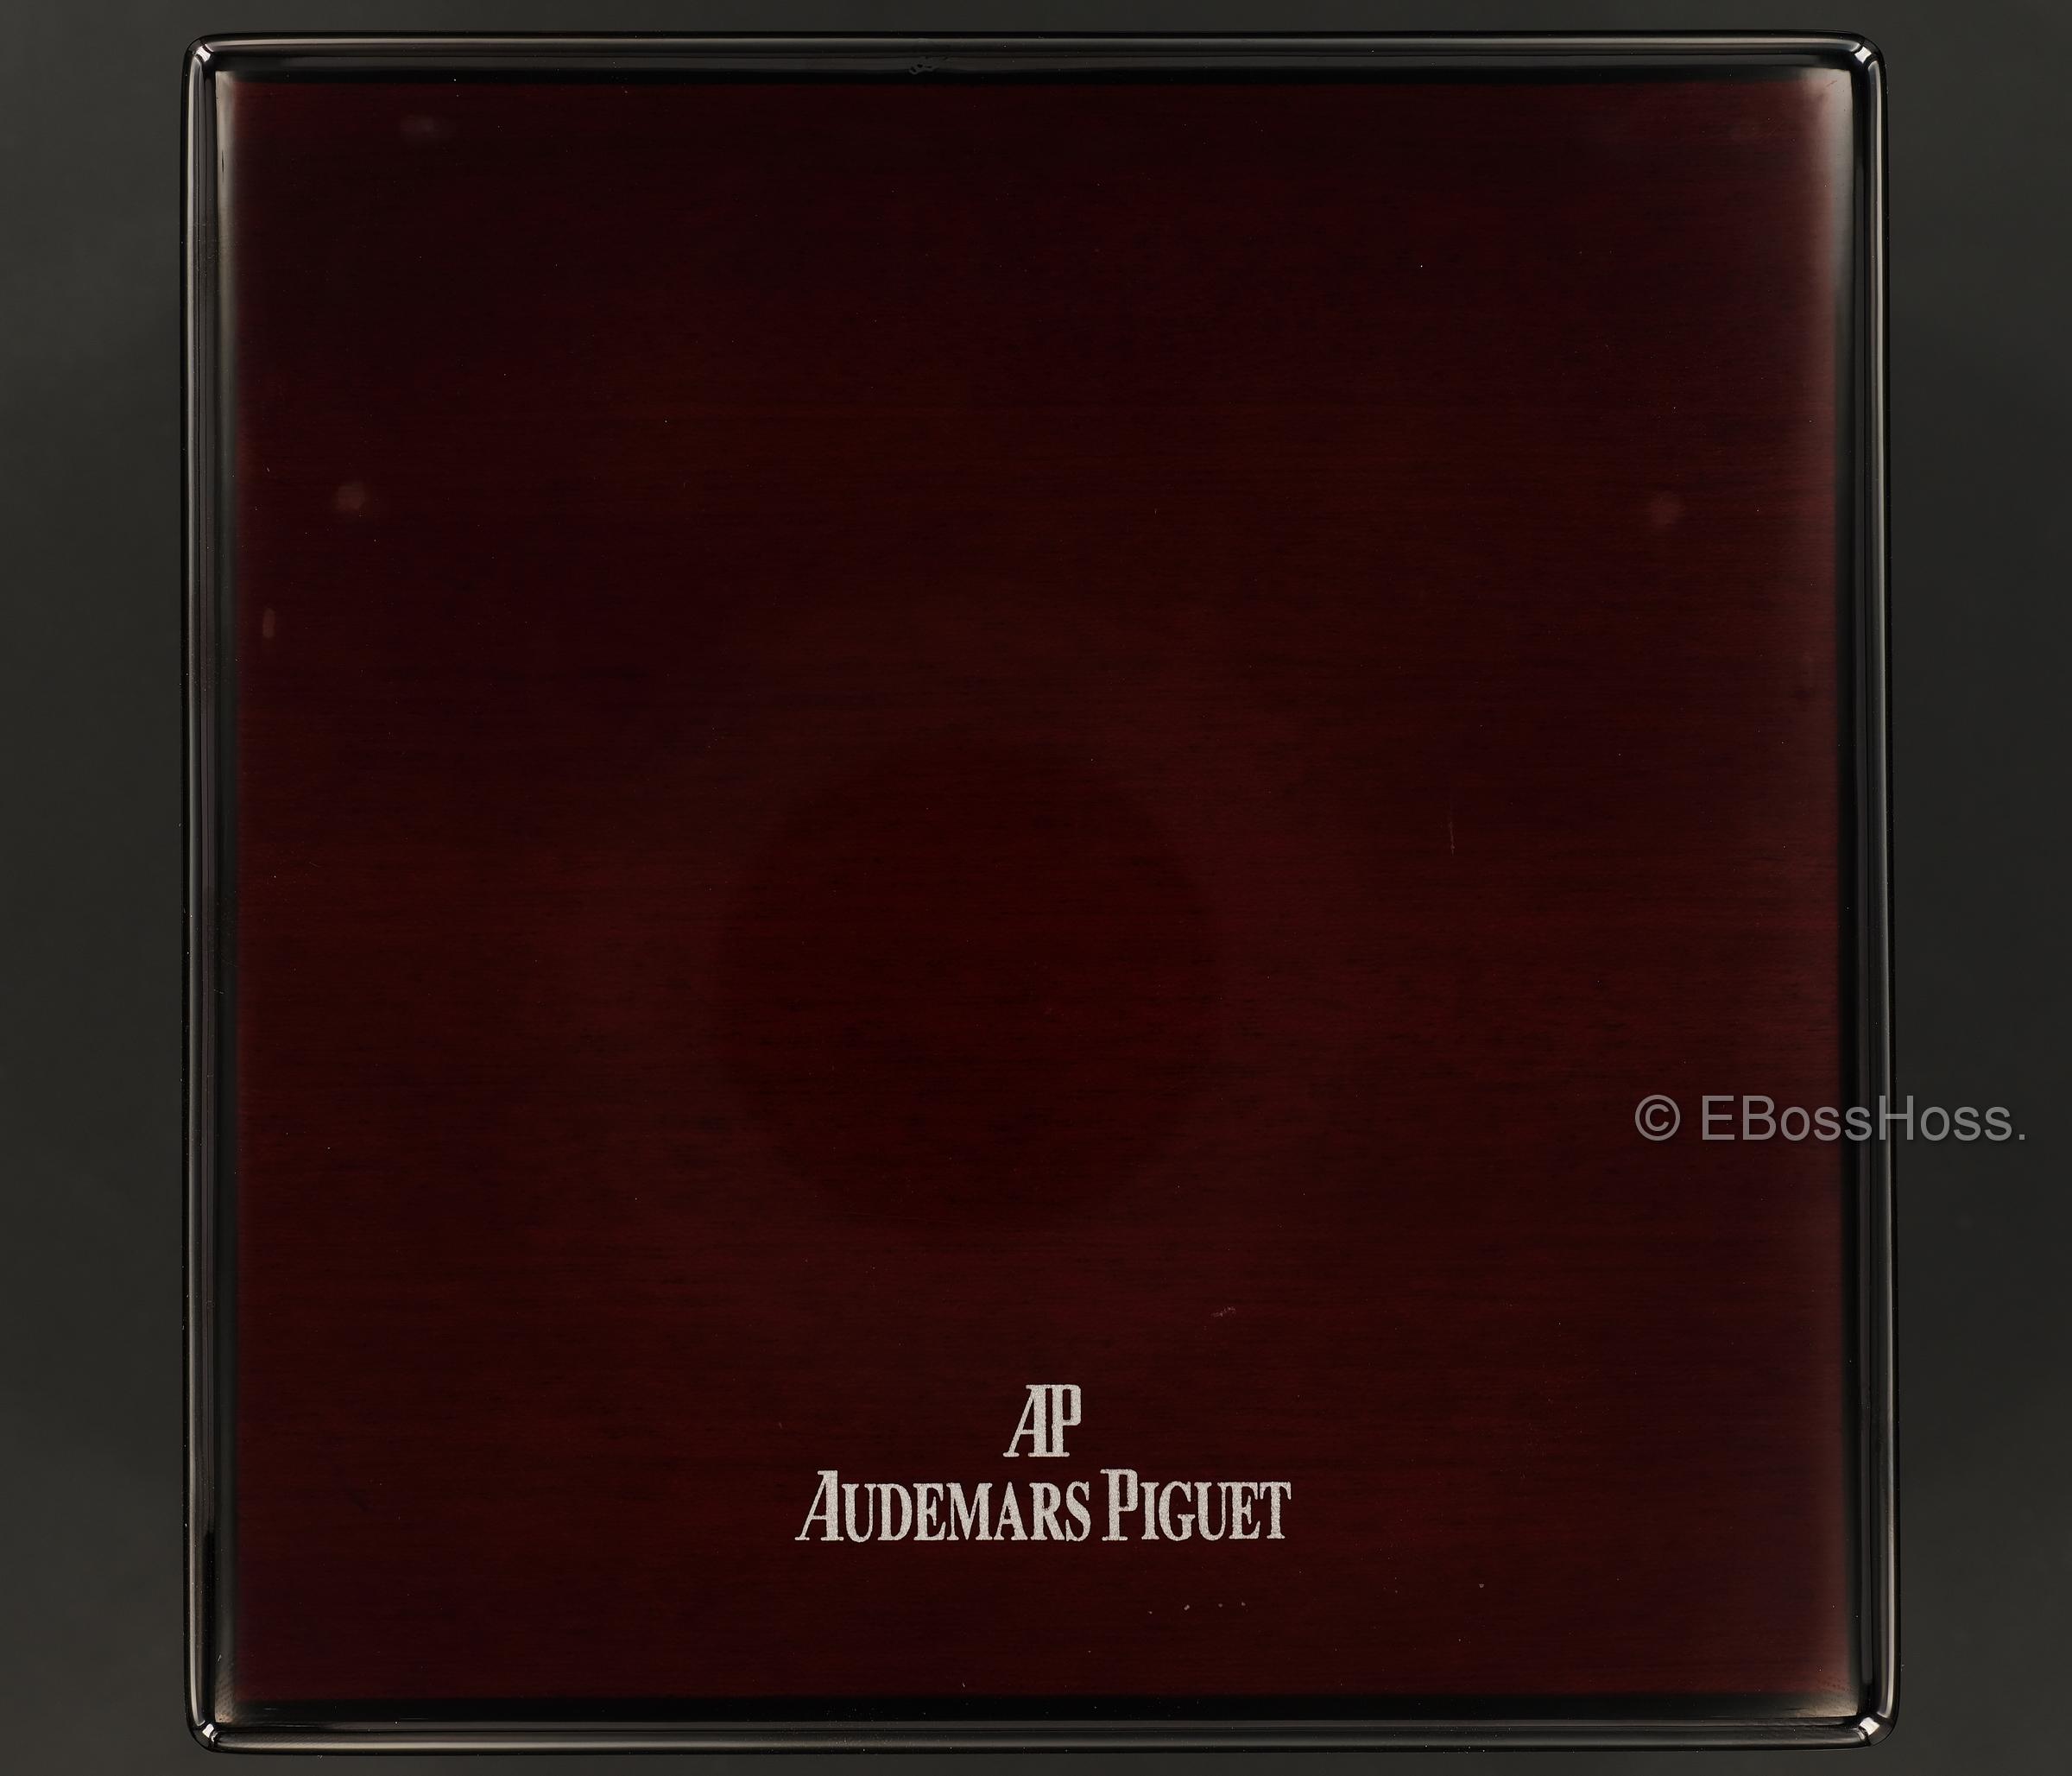 Audemars Piguet Royal Oak Offshore ROO Rubber-clad (Rose Gold)